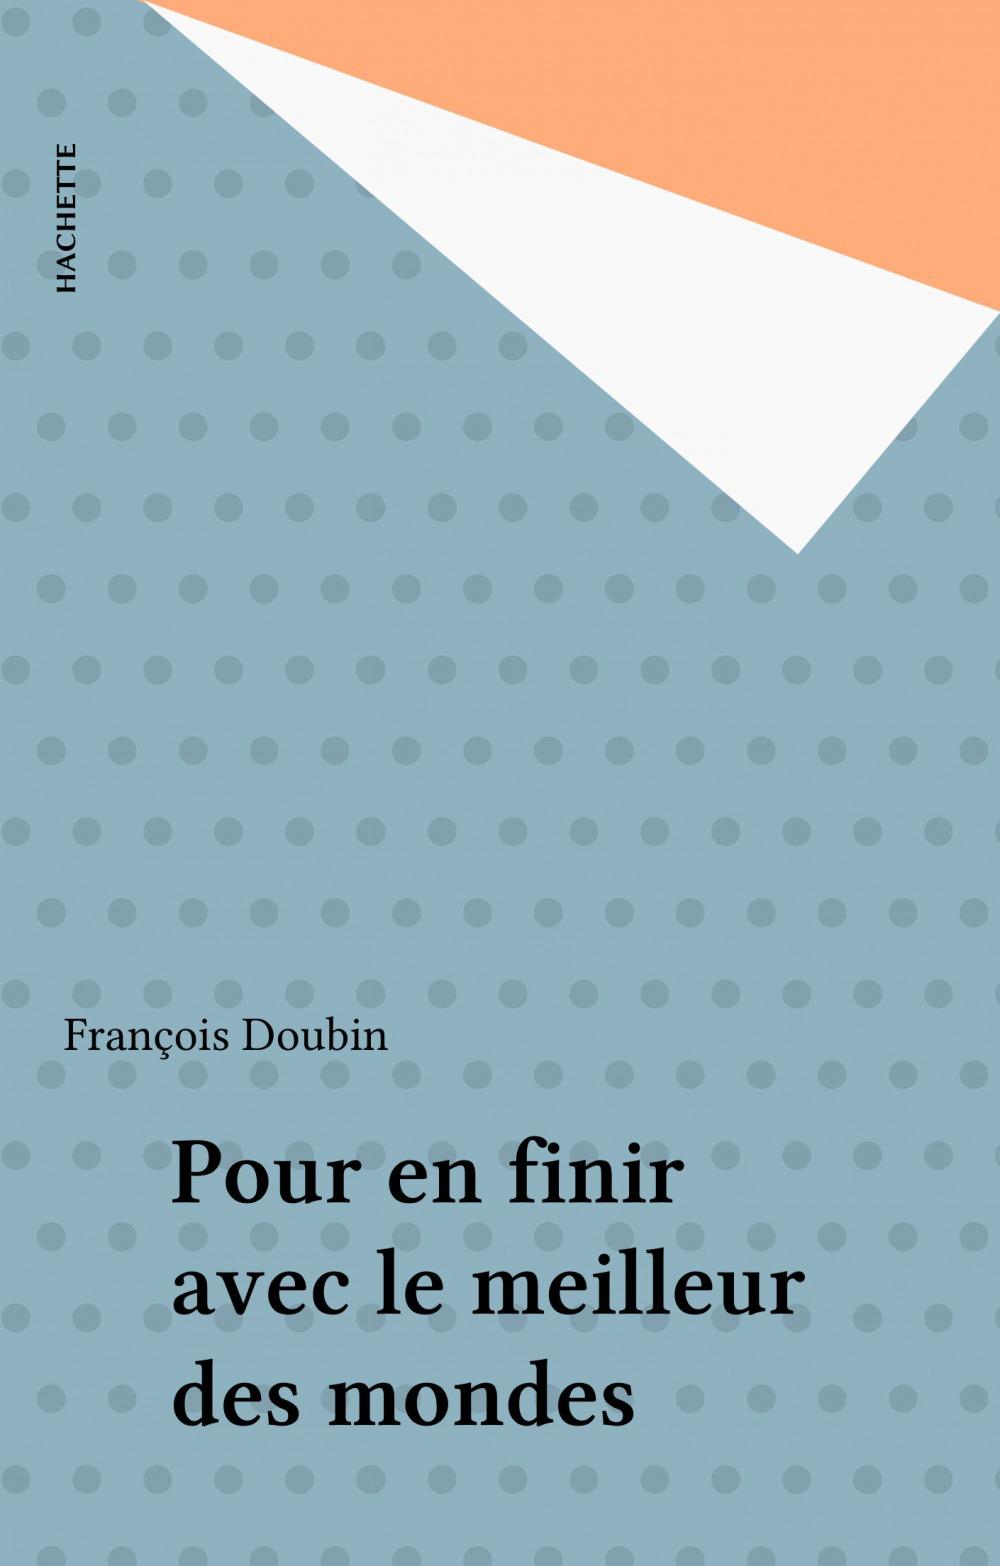 Le Meilleur Des Mondes Epub : meilleur, mondes, Finir, Meilleur, Mondes, Doubin, Hachette, (réédition, Numérique, FeniXX), Ebook, (ePub), Livre, NANCY